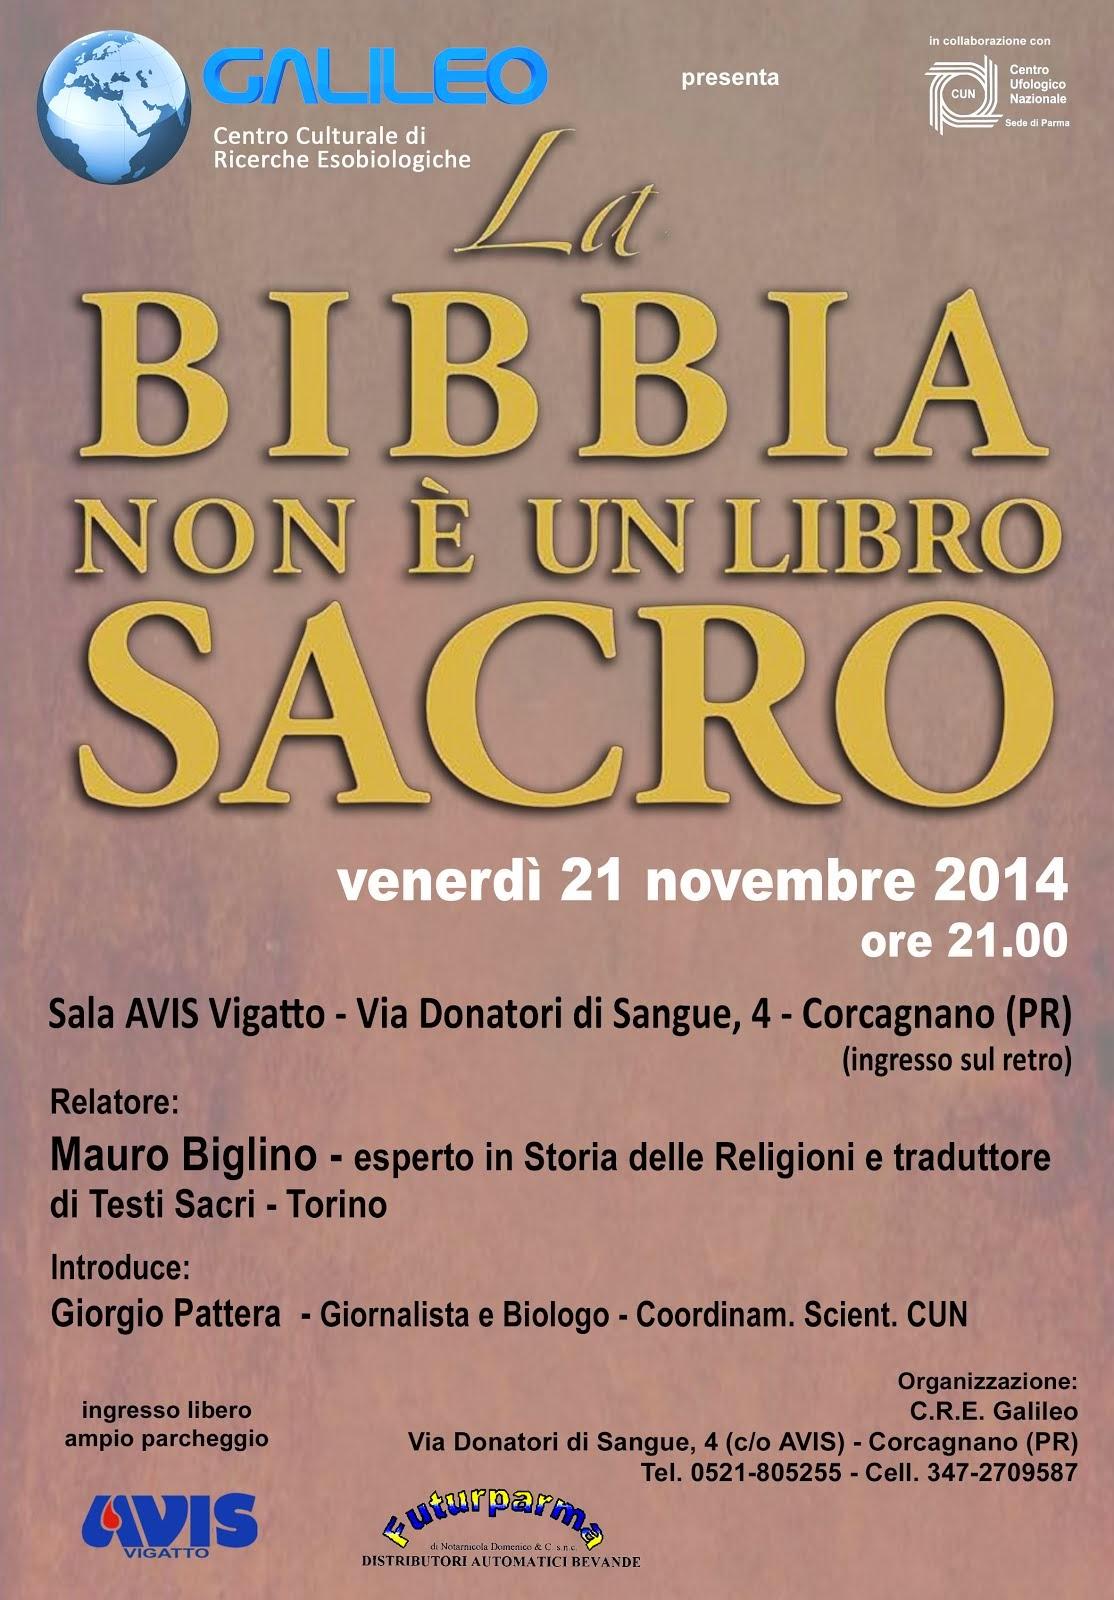 CONFERENZA DI MAURO BIGLINO